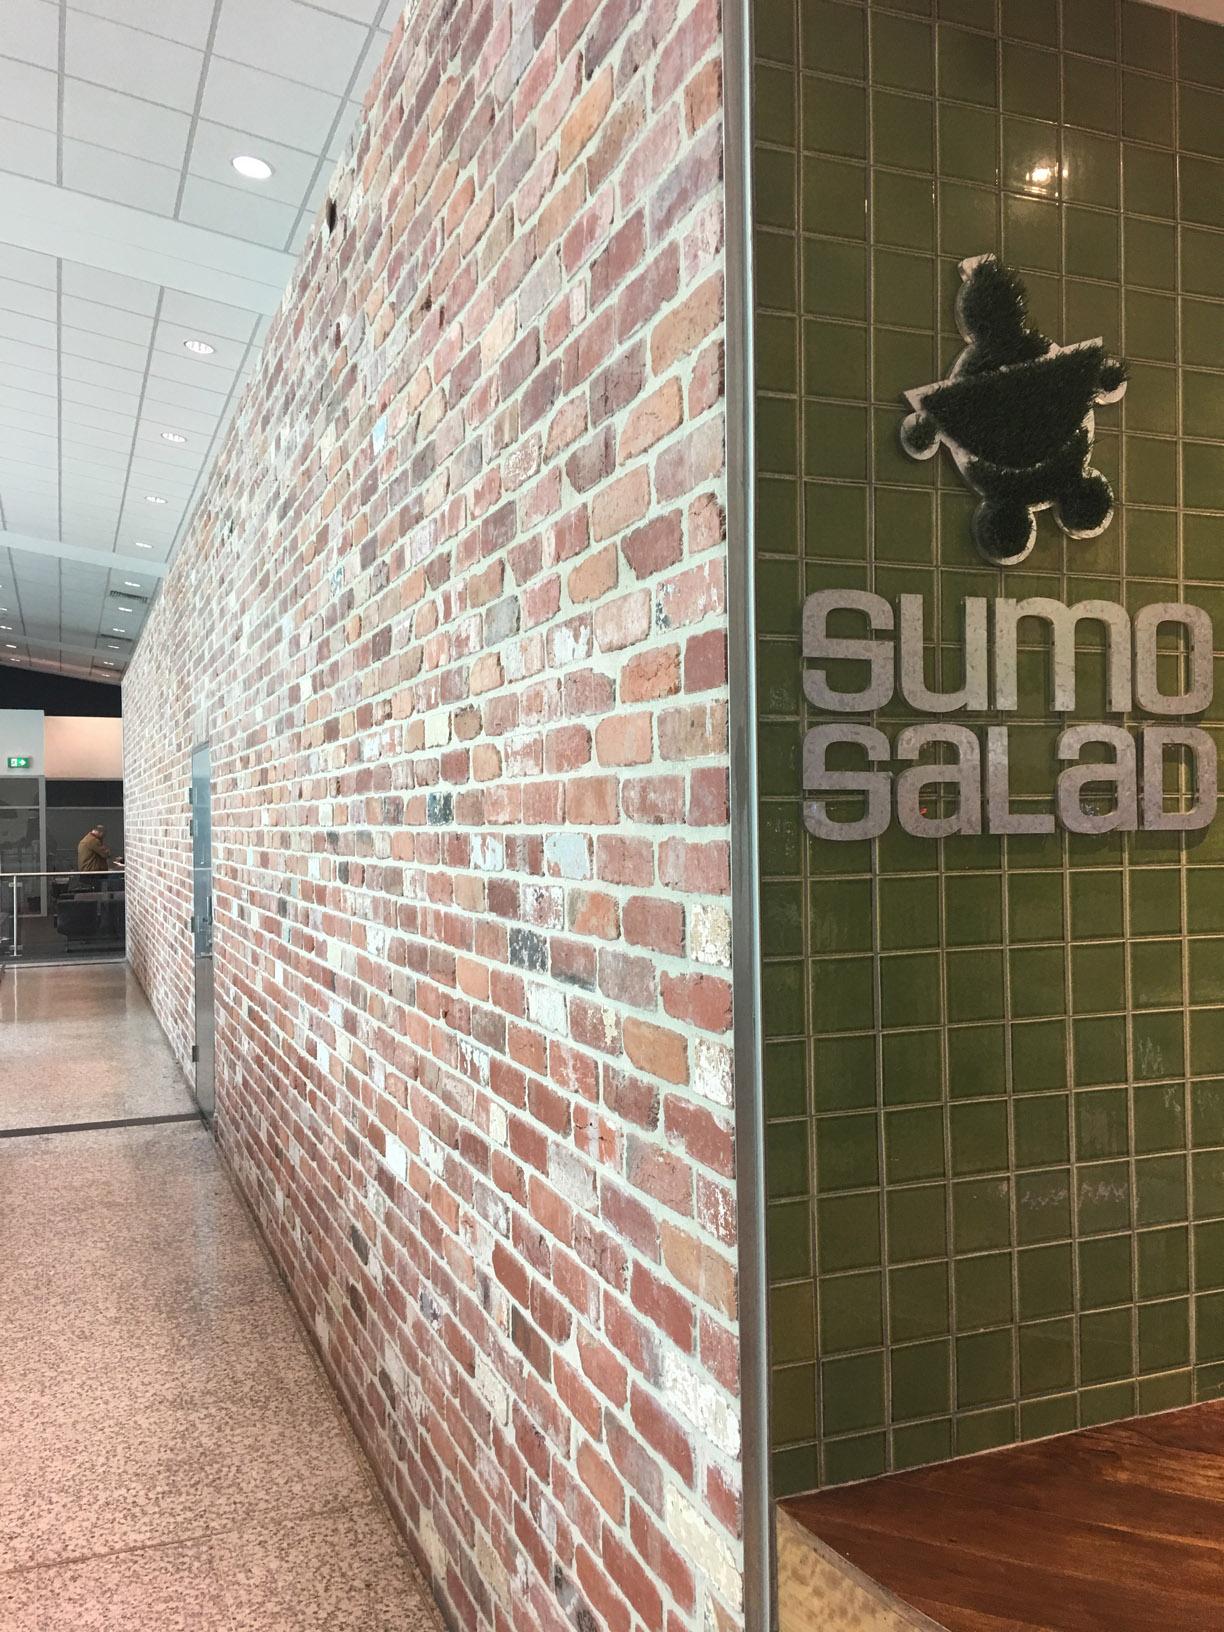 Sumo Salad Syd Airport, 9 14 35 am.jpg